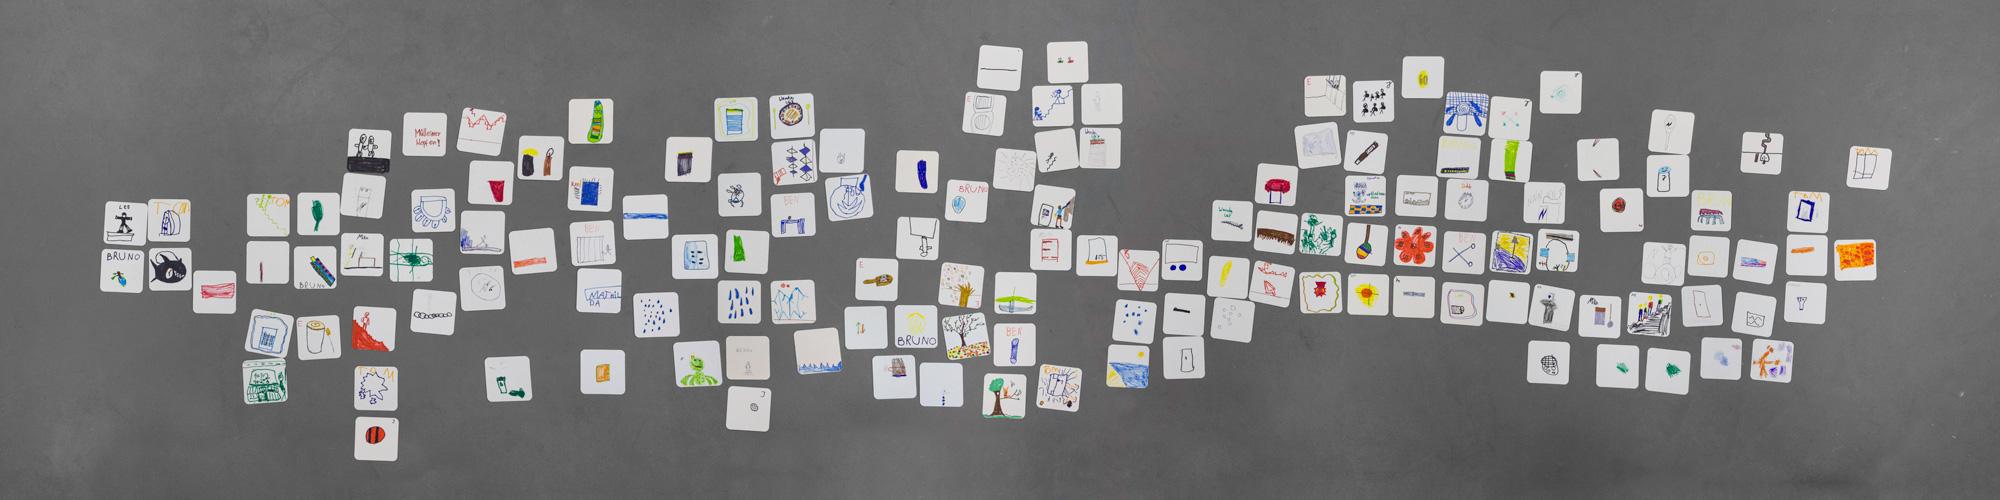 Eine grafische Partitur von Grundschülern